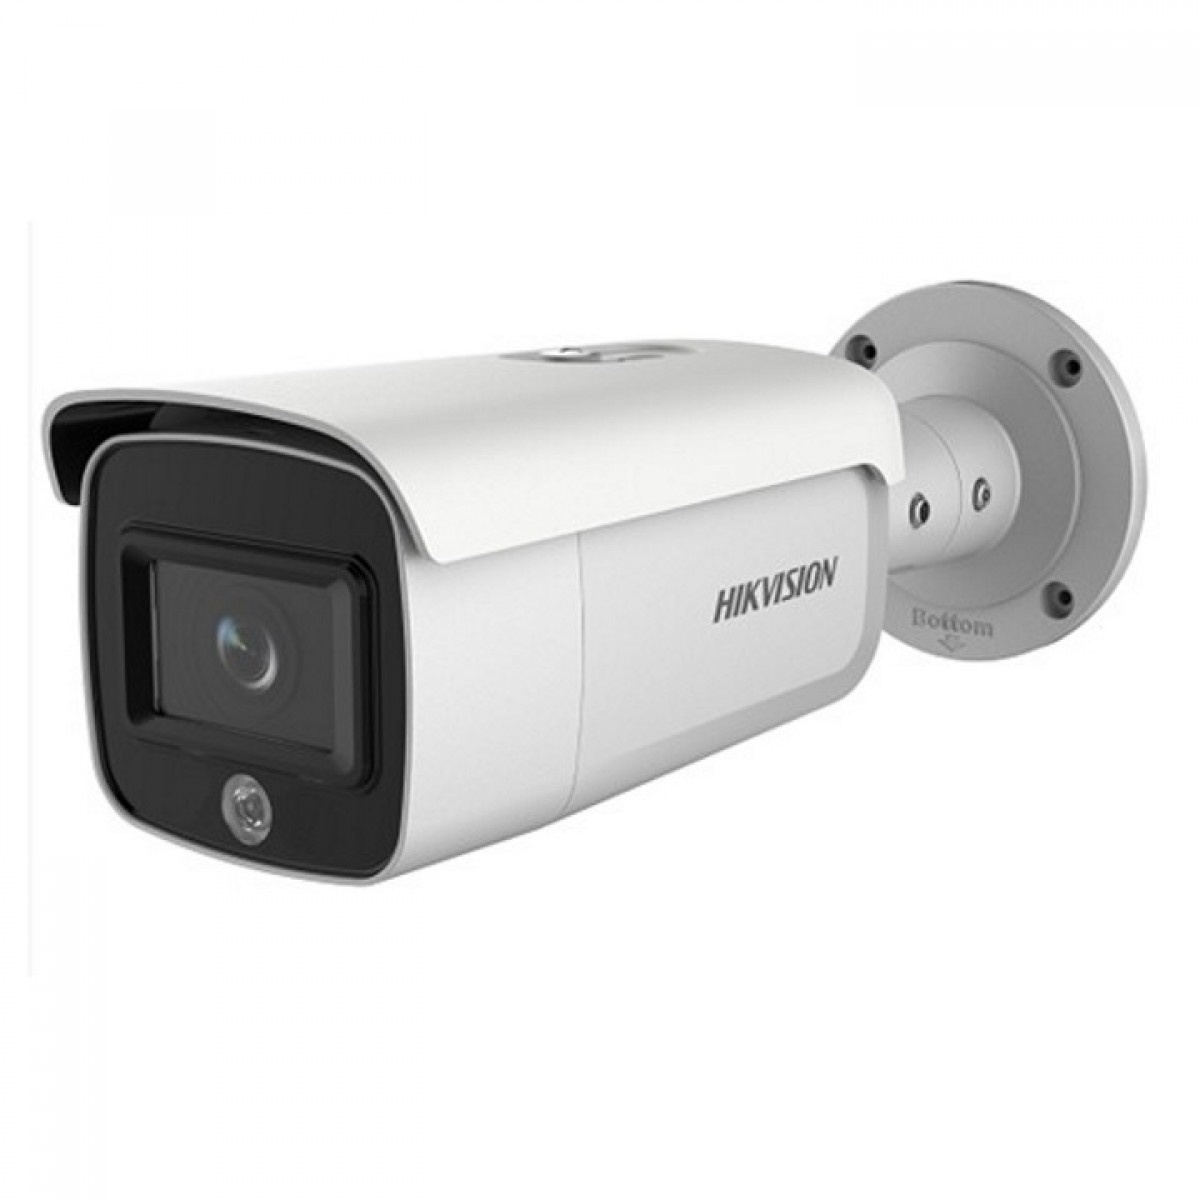 AcuSense Bullet cameras